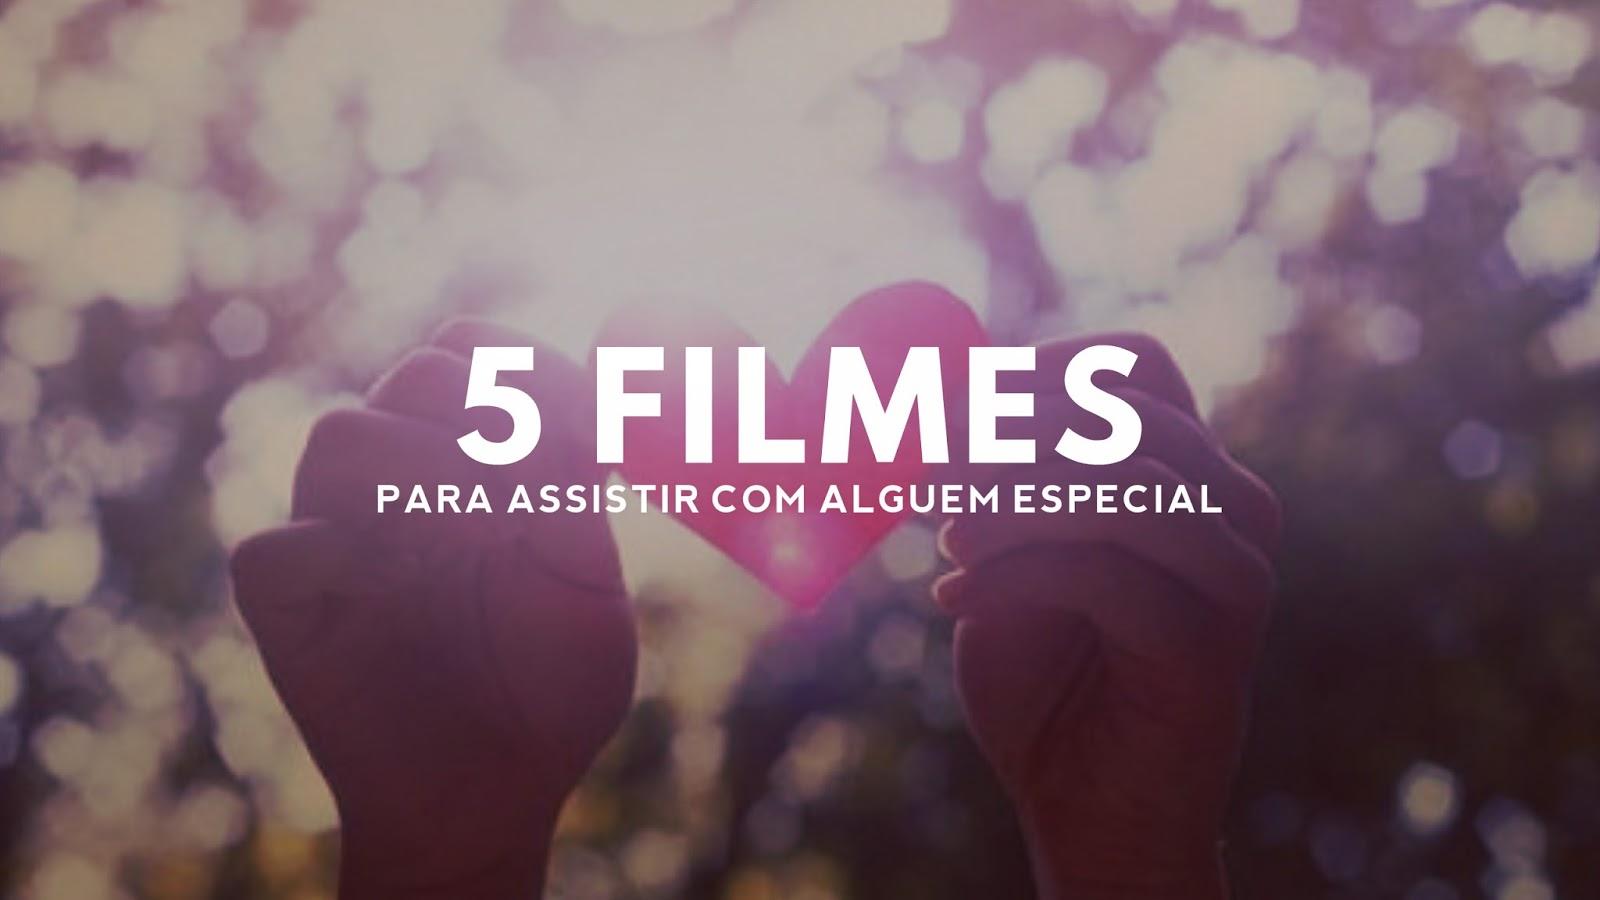 5 filmes para você assistir com alguém especial.